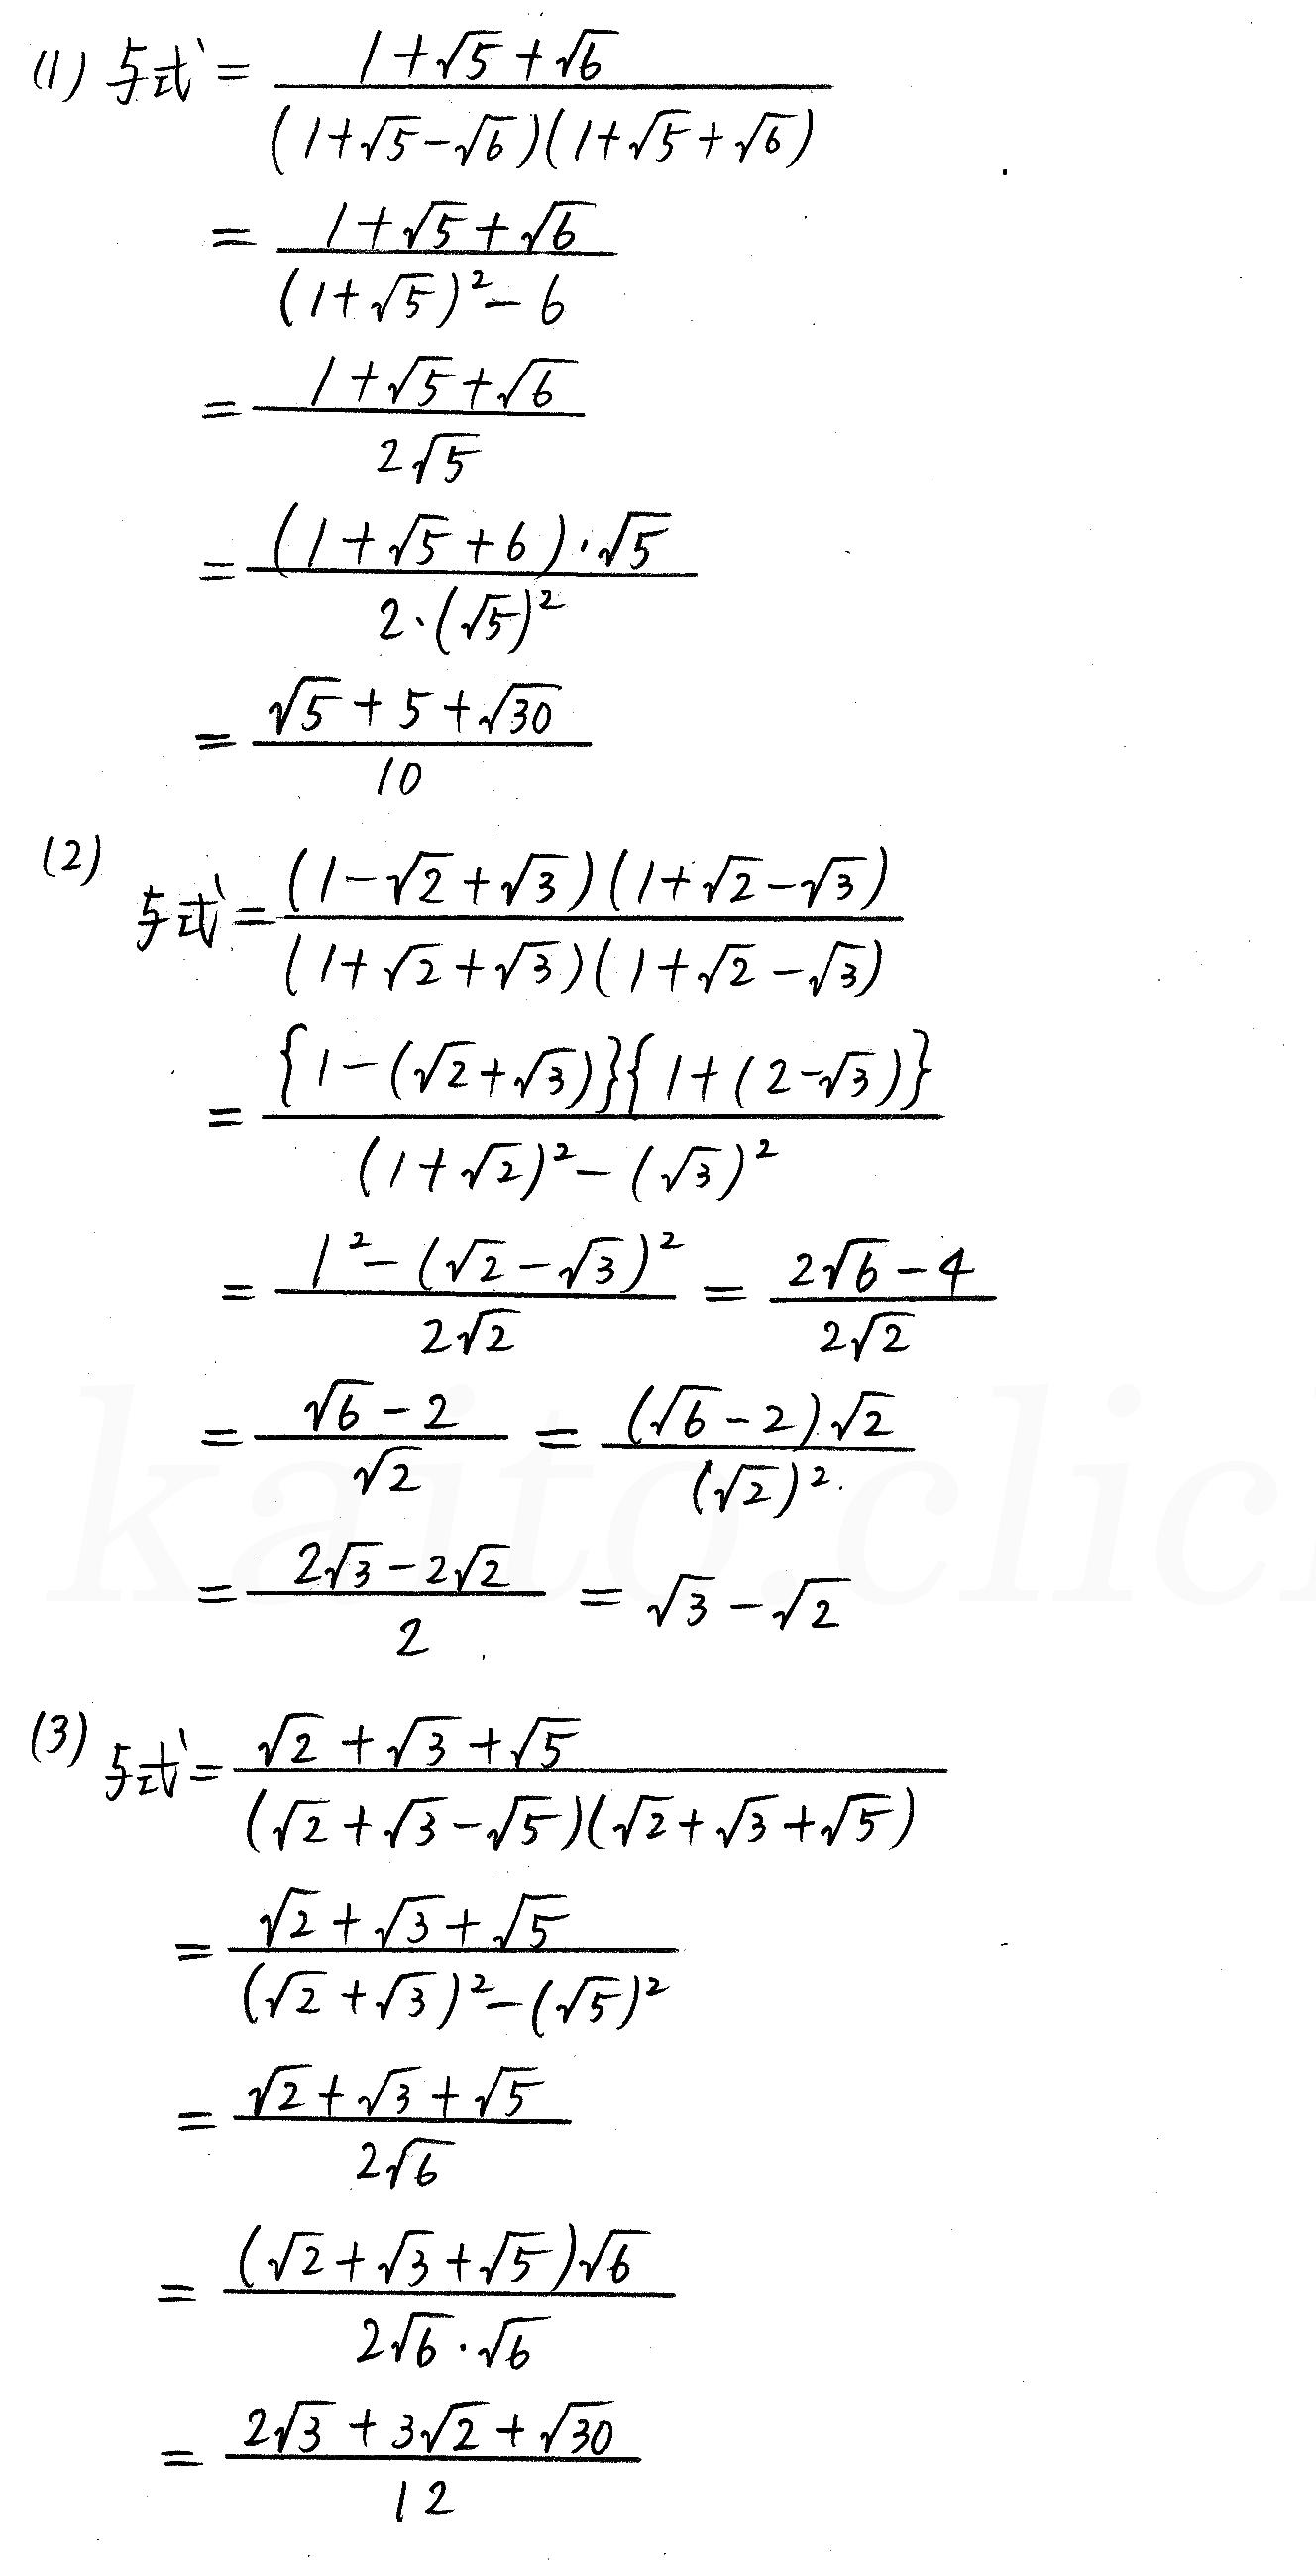 クリアー数学1-71解答